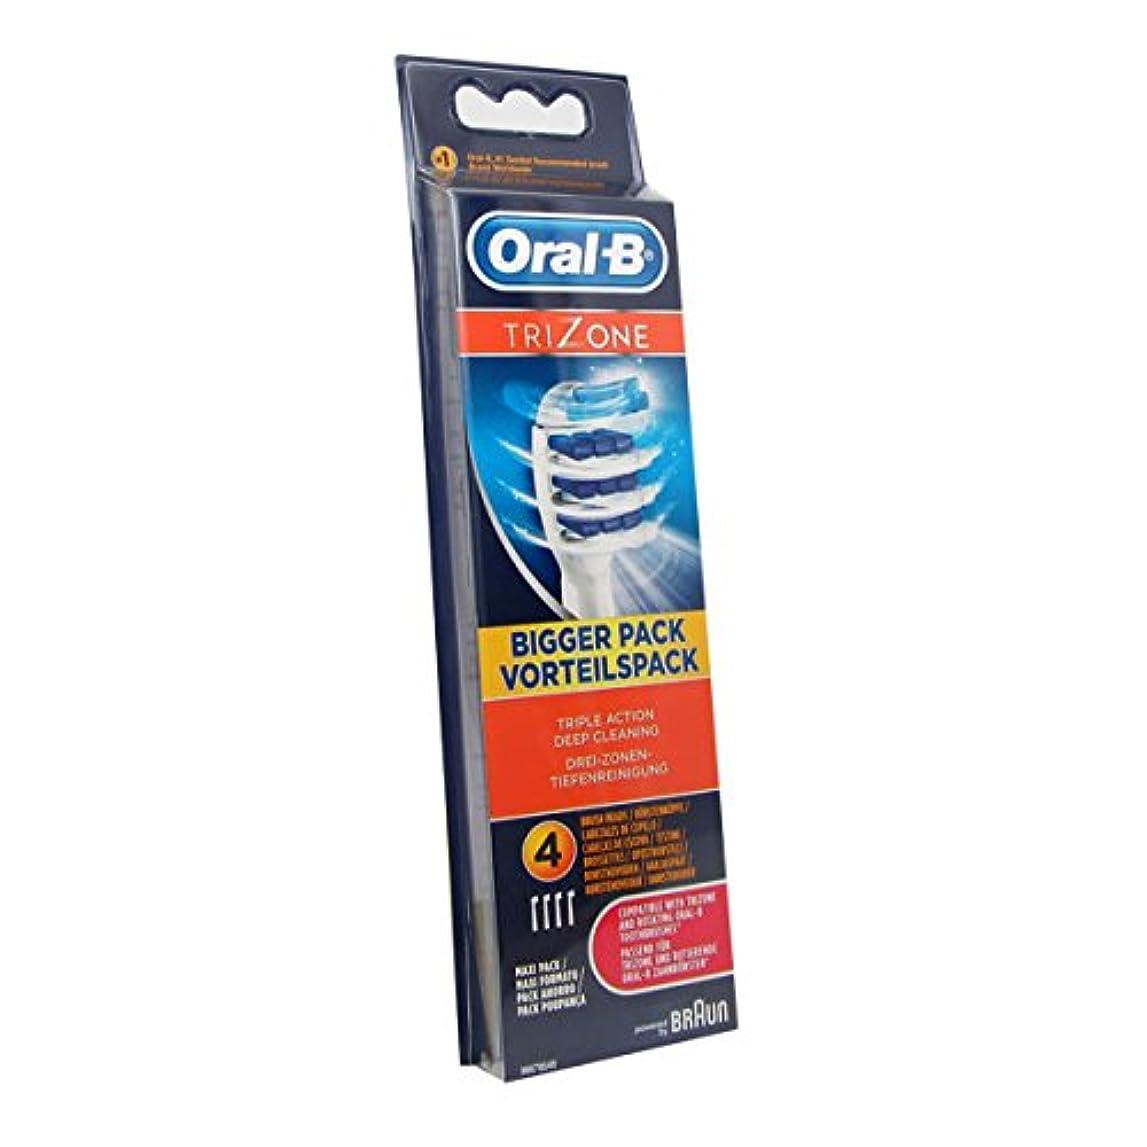 独立した把握温度計Oral B Trizone Replacement Brush X4 [並行輸入品]